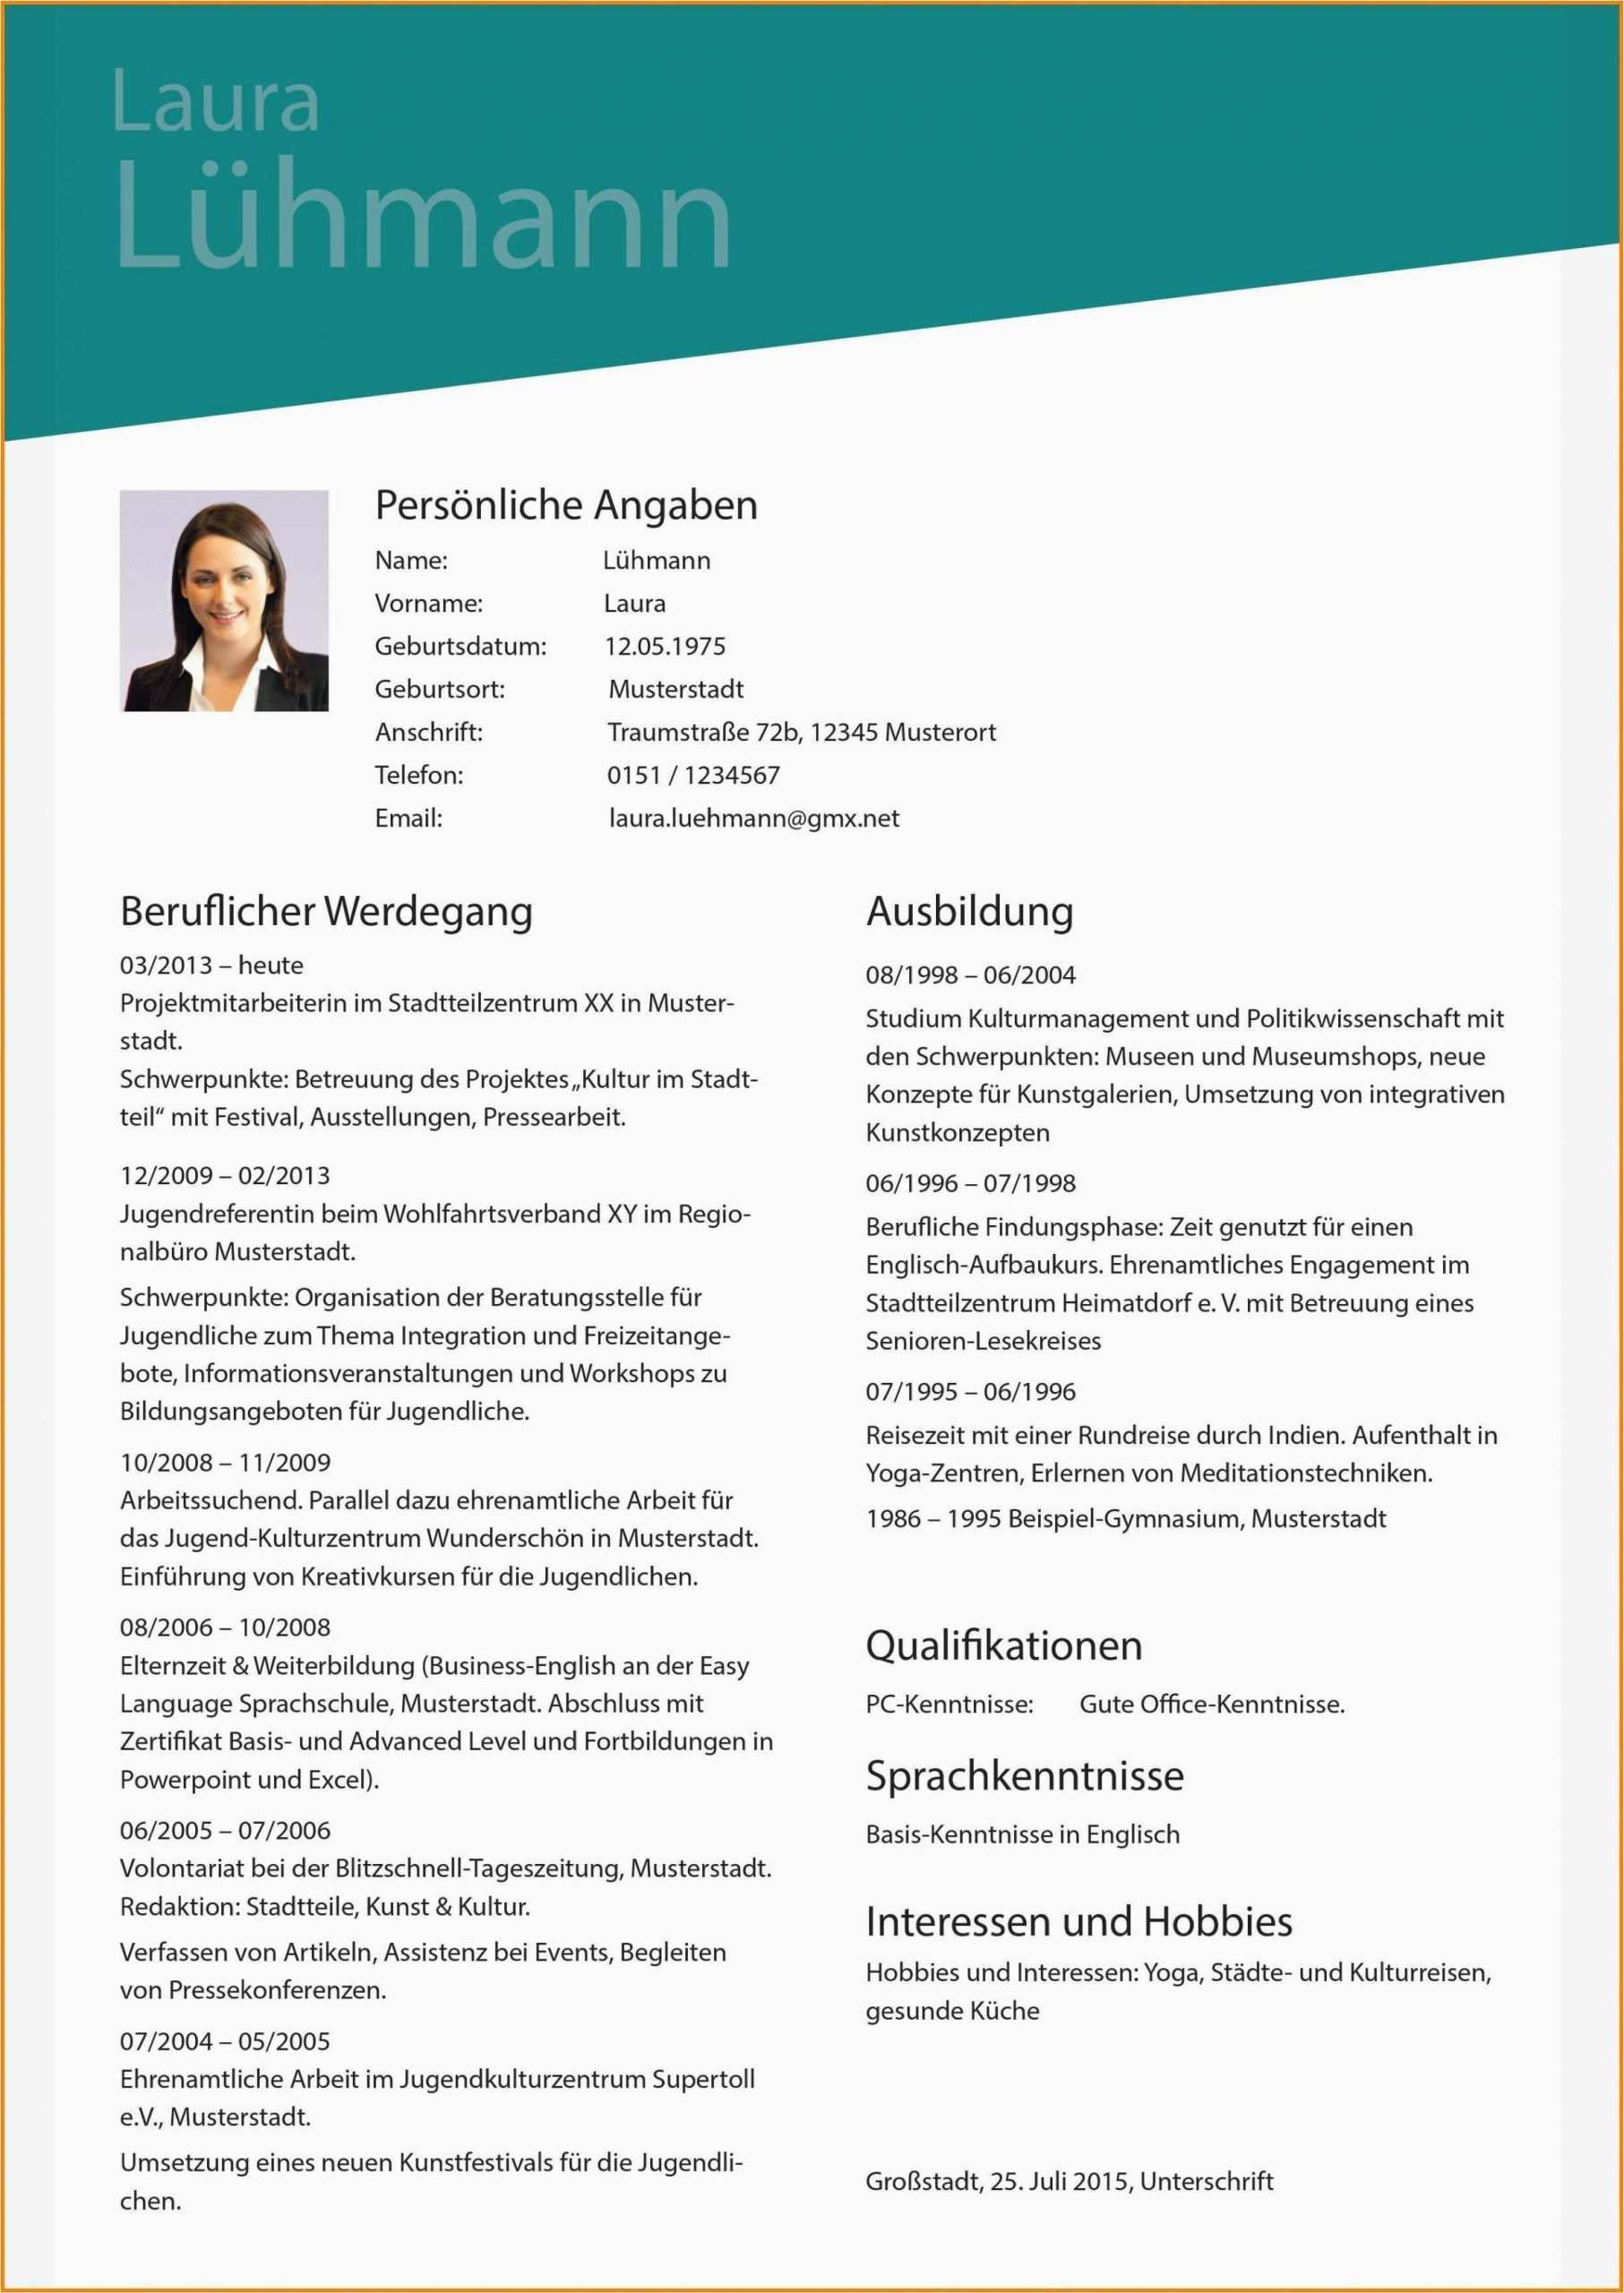 Jurist Lebenslauf Englisch Vorlagen Lebenslauf Lebenslauf Beruflicher Werdegang